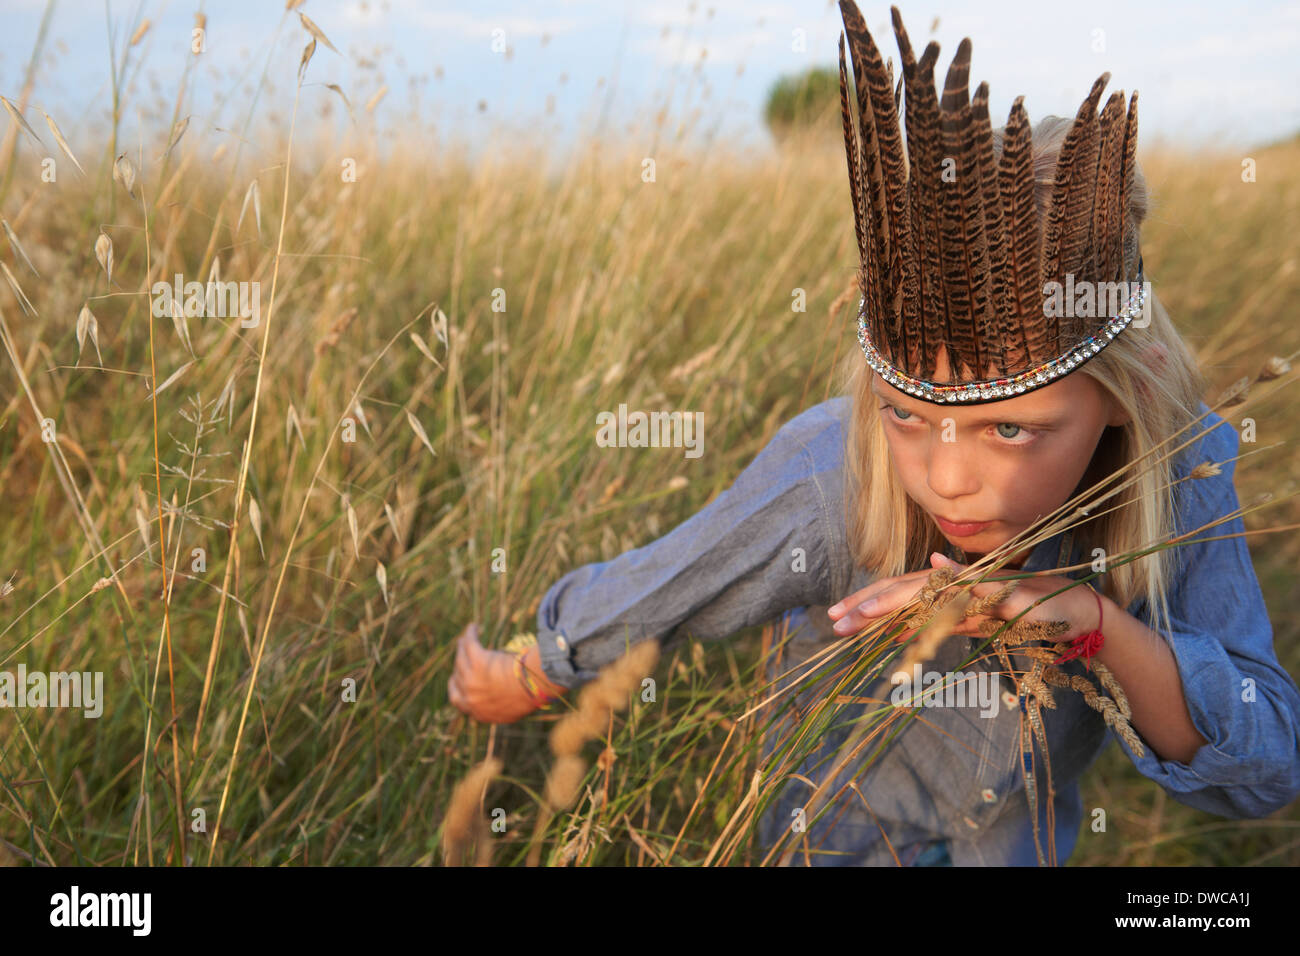 La ragazza si nasconde in erba lunga vestito come un nativo americano Immagini Stock